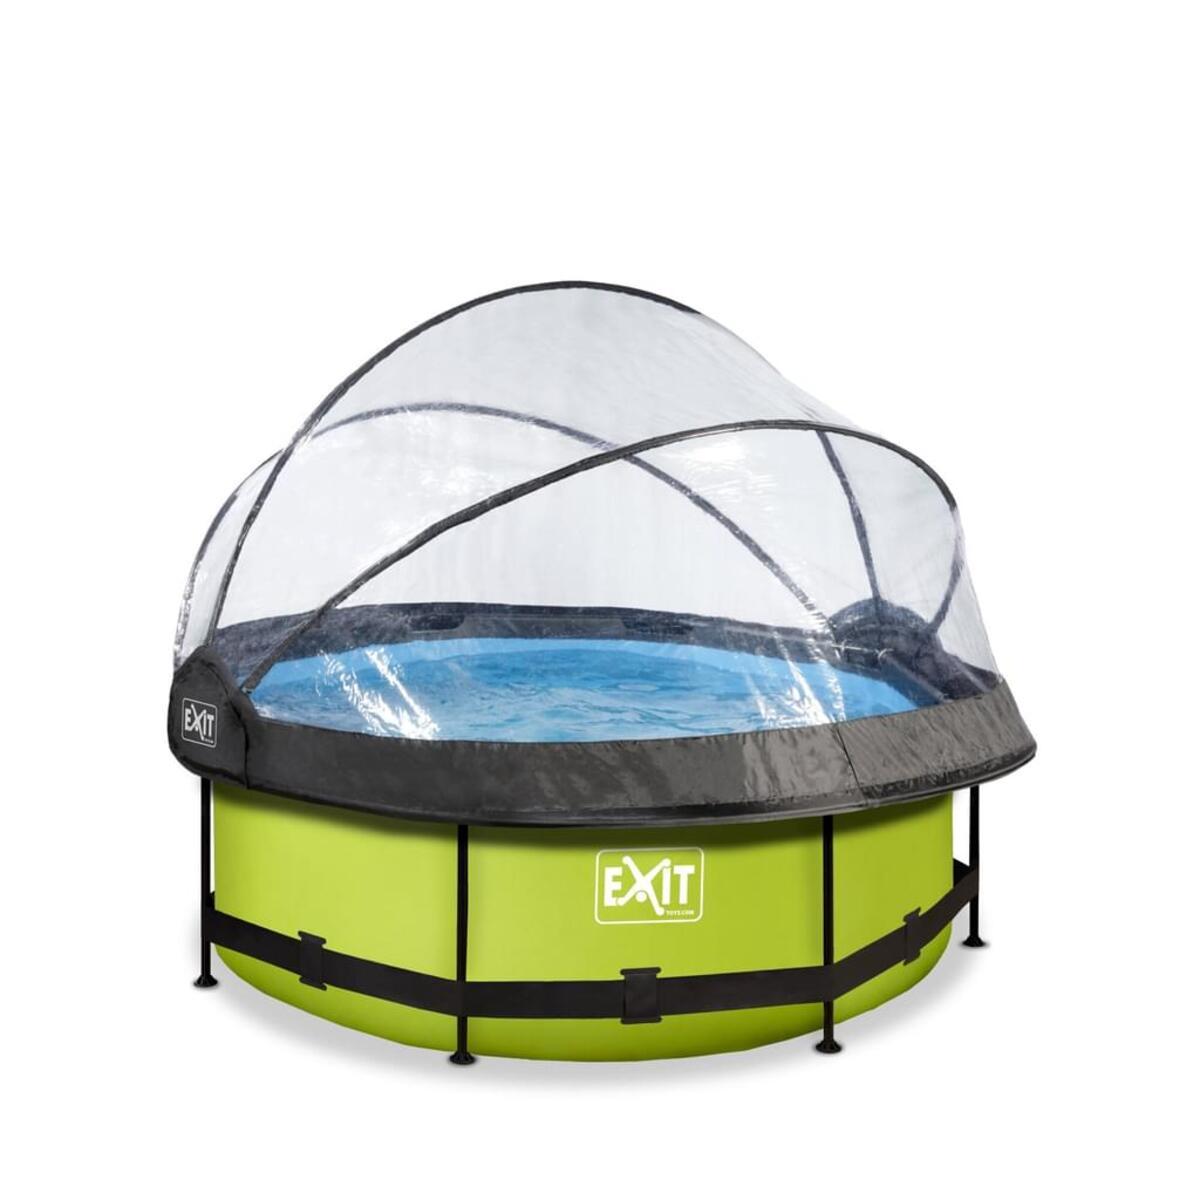 Bild 1 von EXIT Lime Pool ø244x76cm mit Abdeckung und Filterpumpe - grün